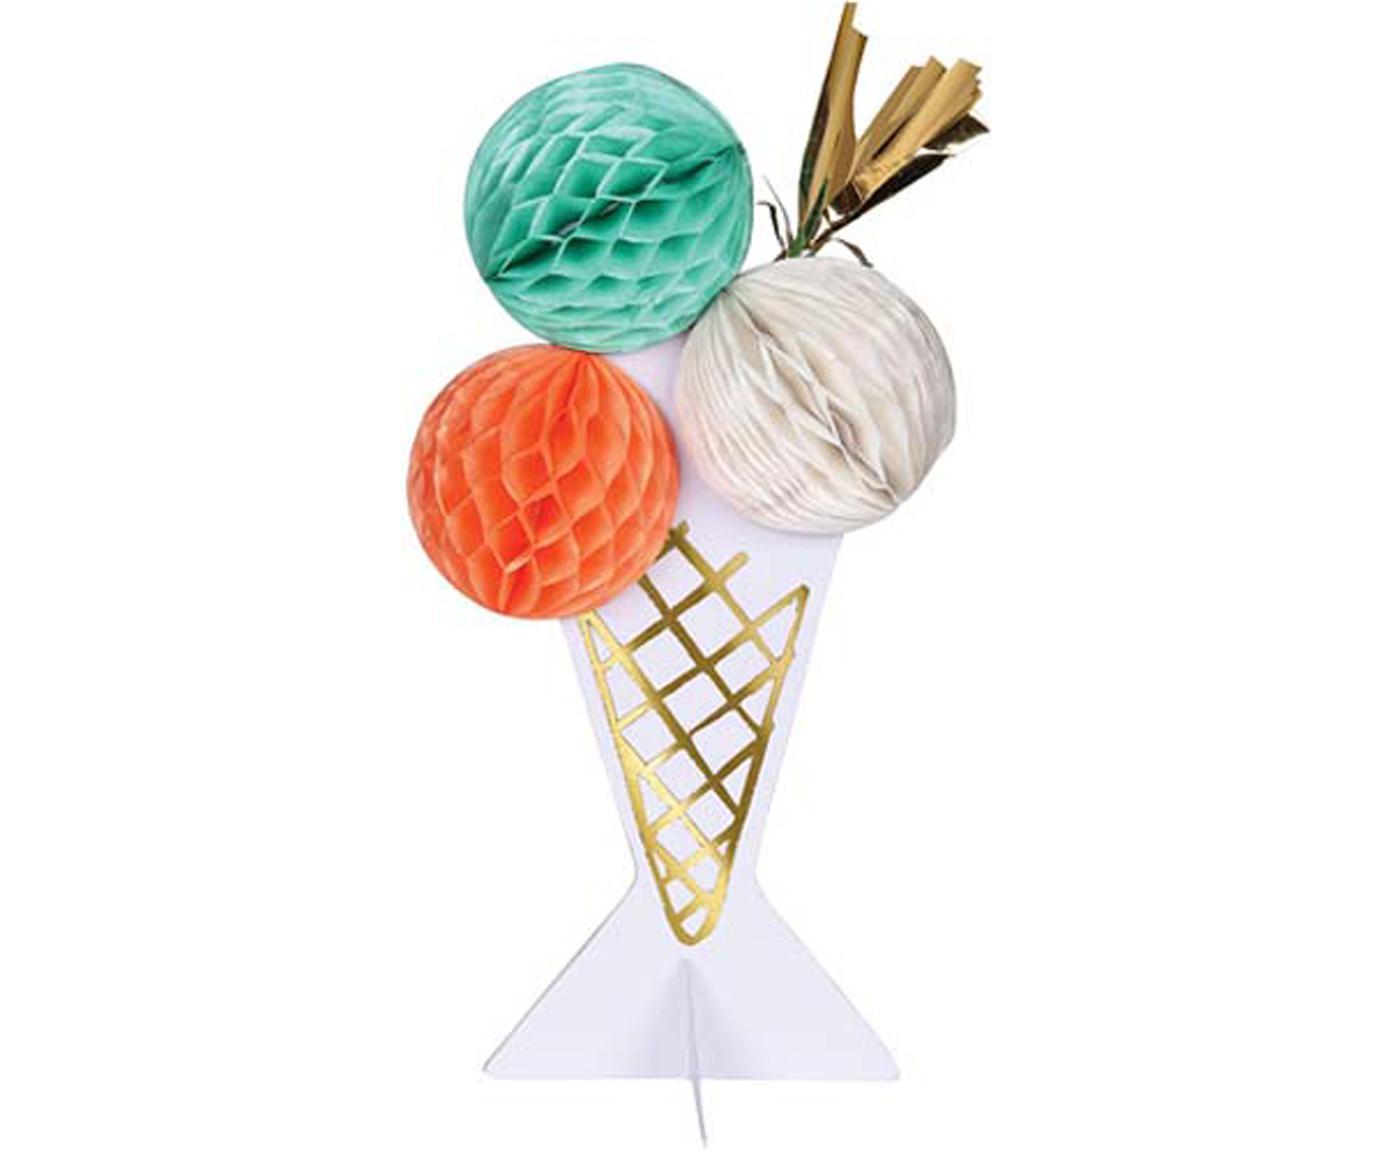 Geburtstagskarte Ice Cream, Papier, Rosa, Weiß, Mintgrün, Goldfarben, 19 x 13 cm